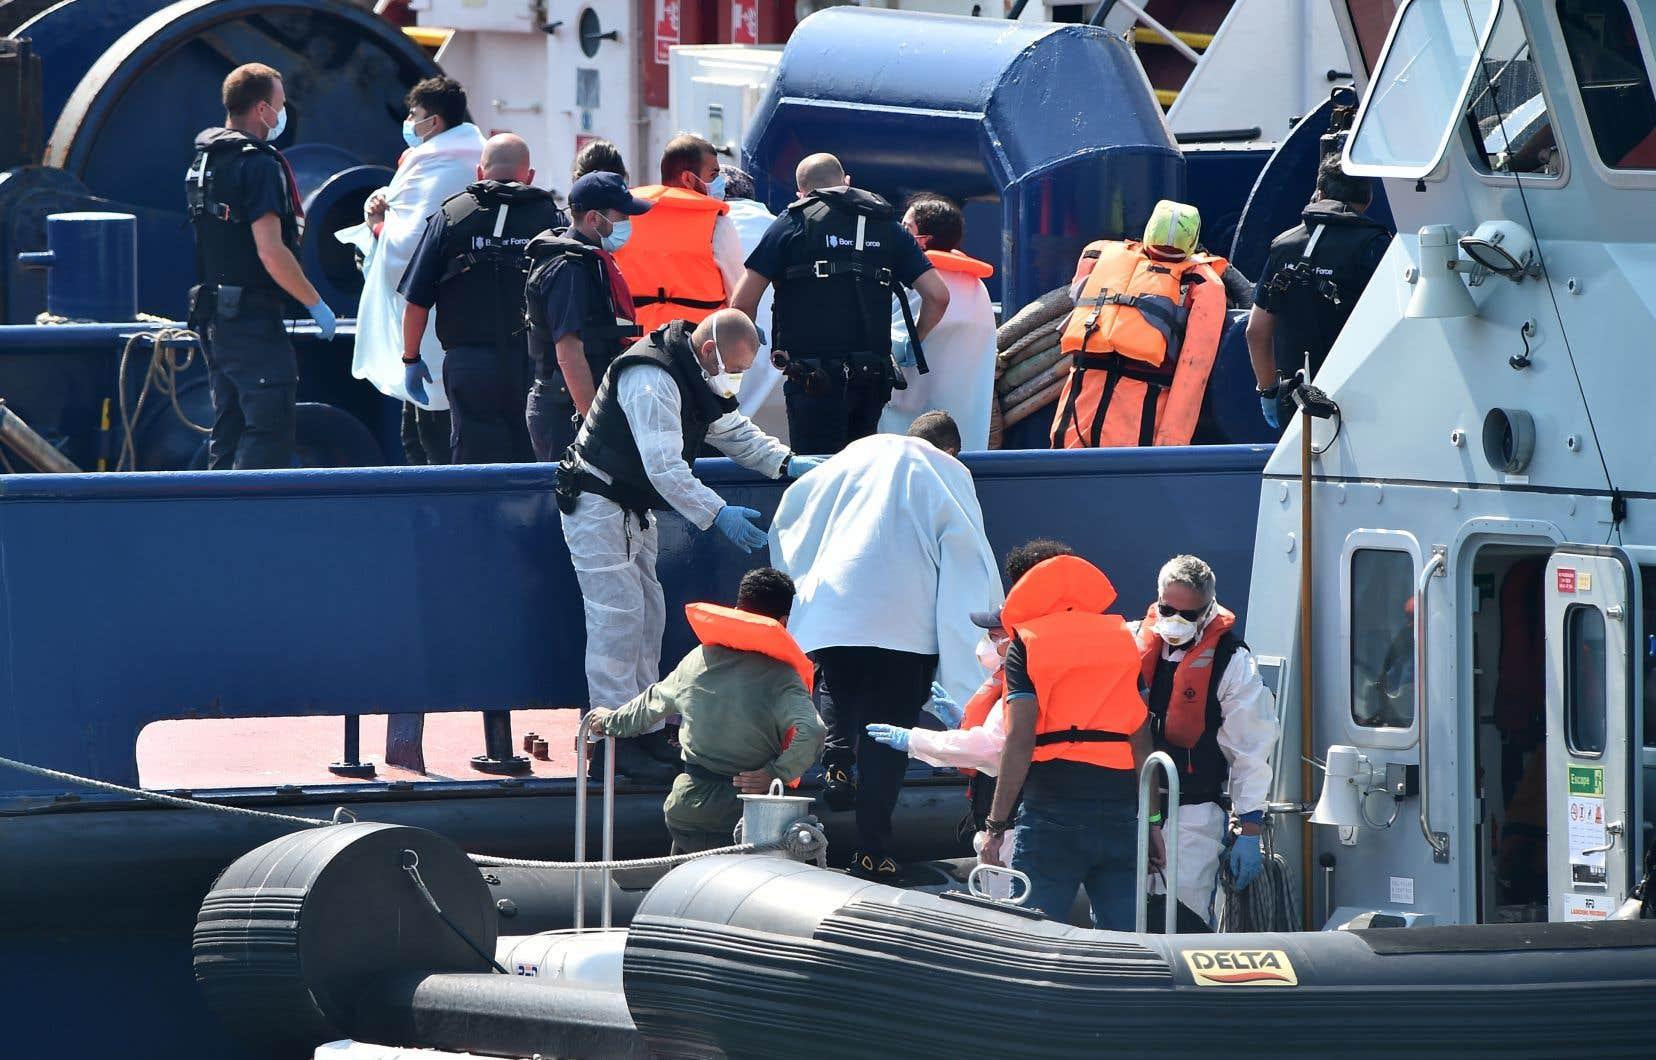 Les autorités britanniques ont intercepté dimanche un groupe de migrants qui tentaient d'atteindre la côté anglaise à bord d'une petite embarcation.